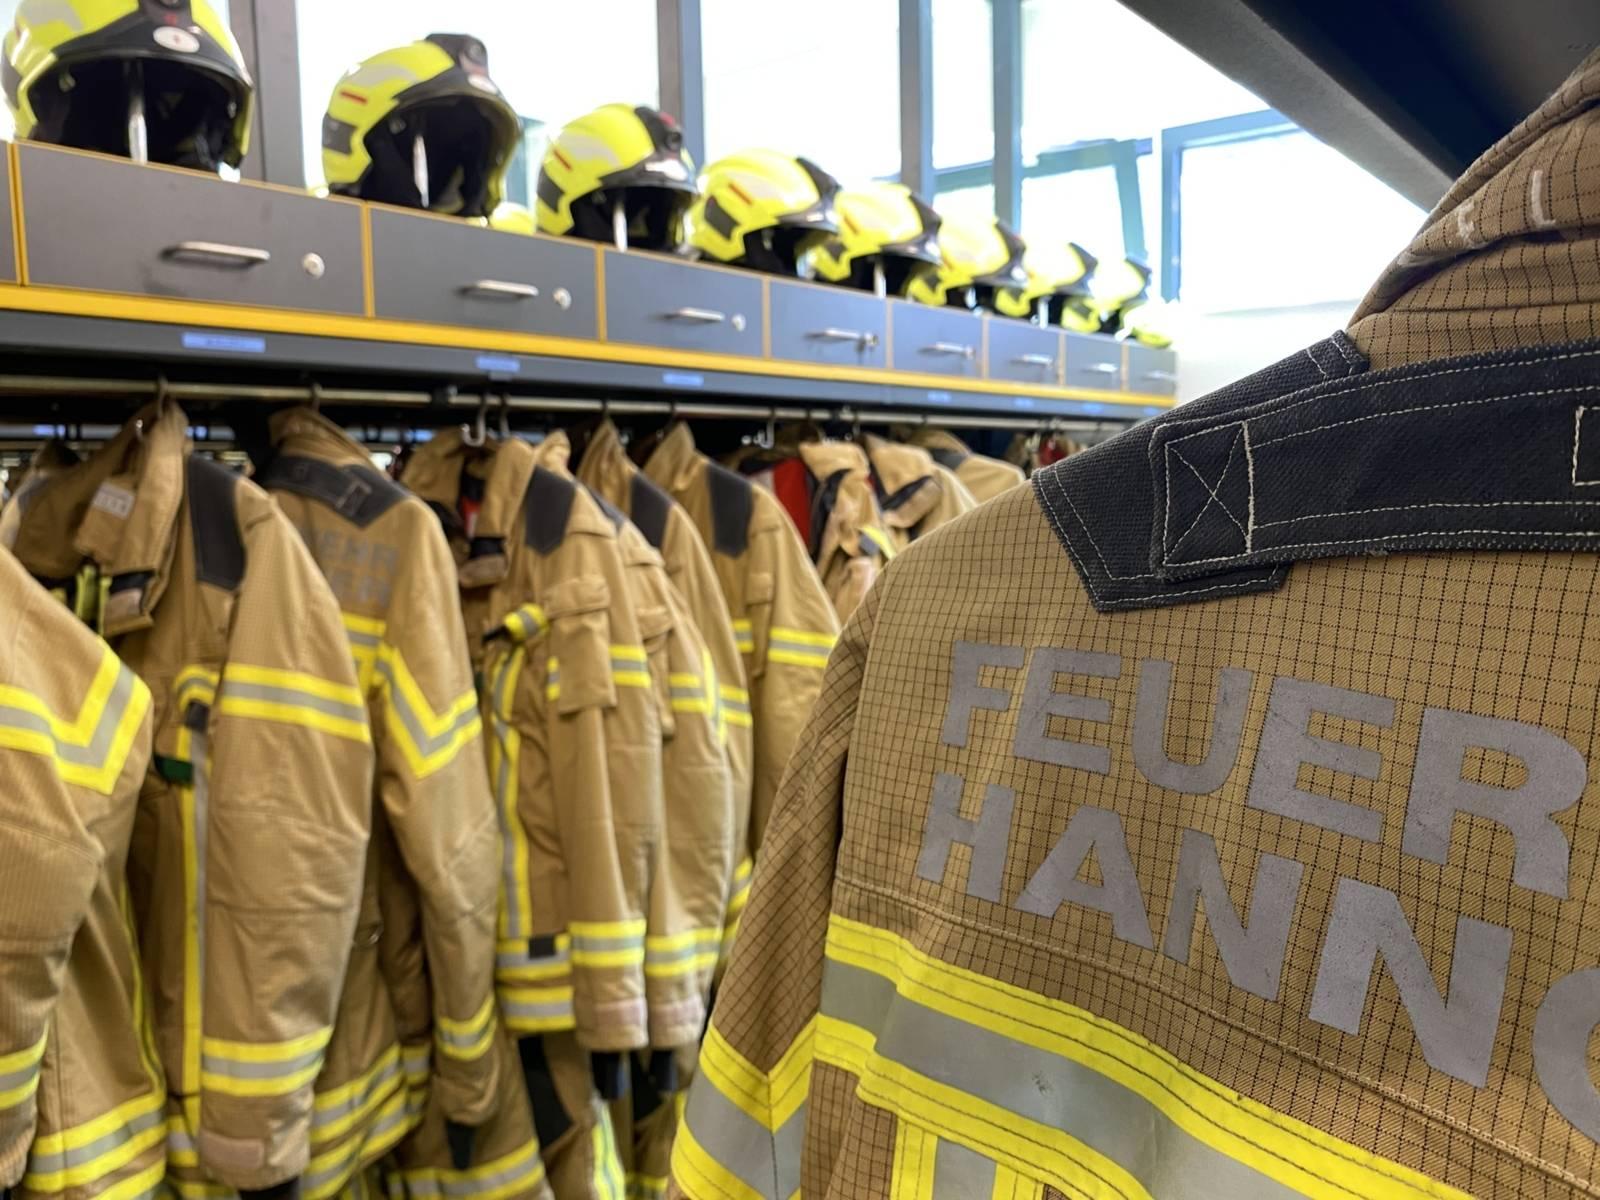 Helme und Jacken der Feuerwehr Hannover